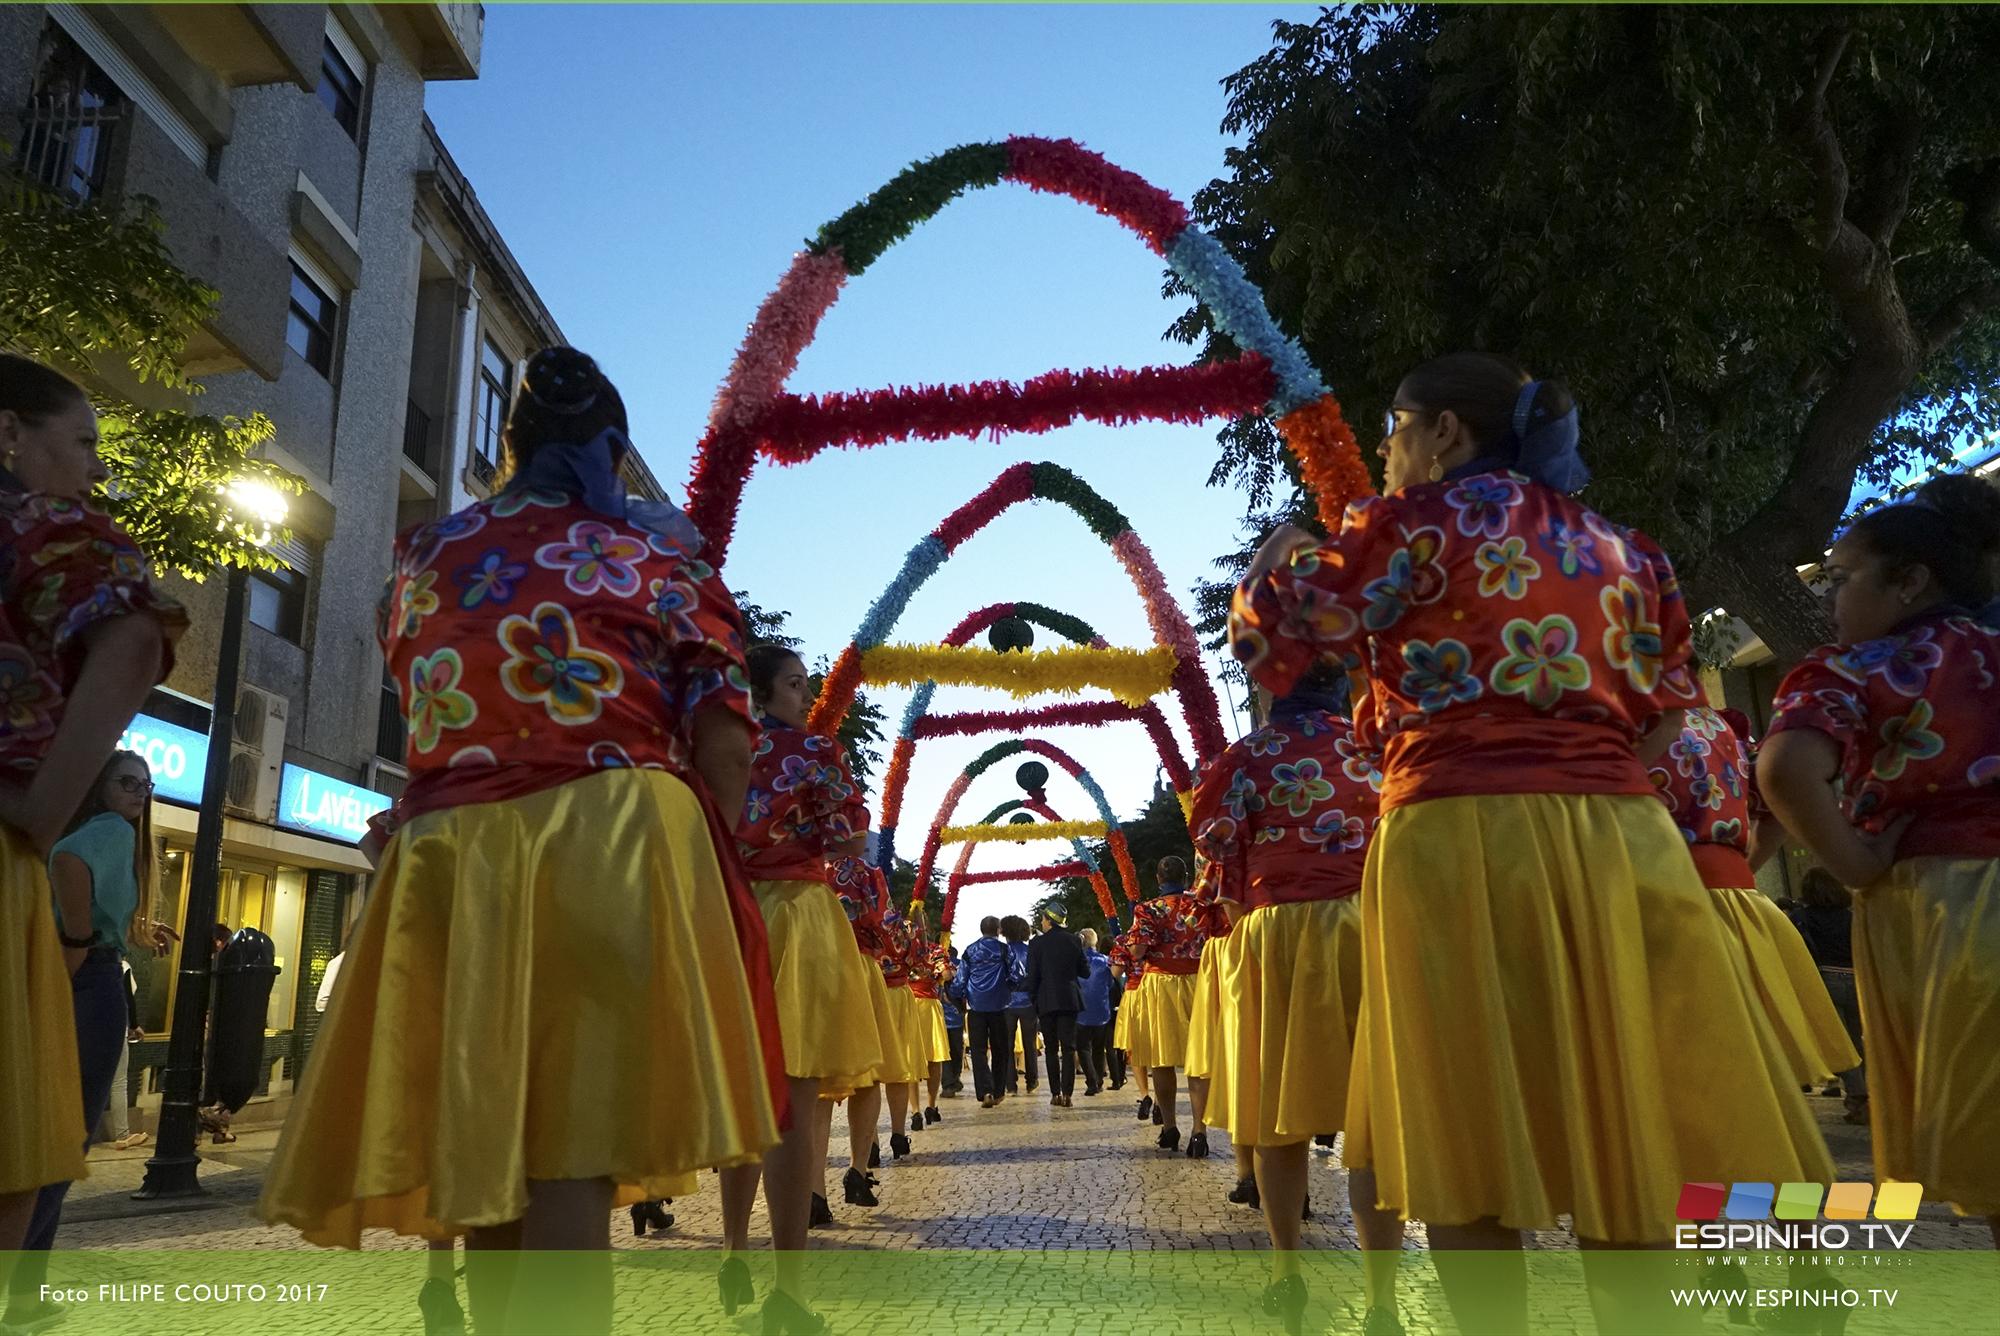 Marchas EVida deram início à noite de S. João em Espinho